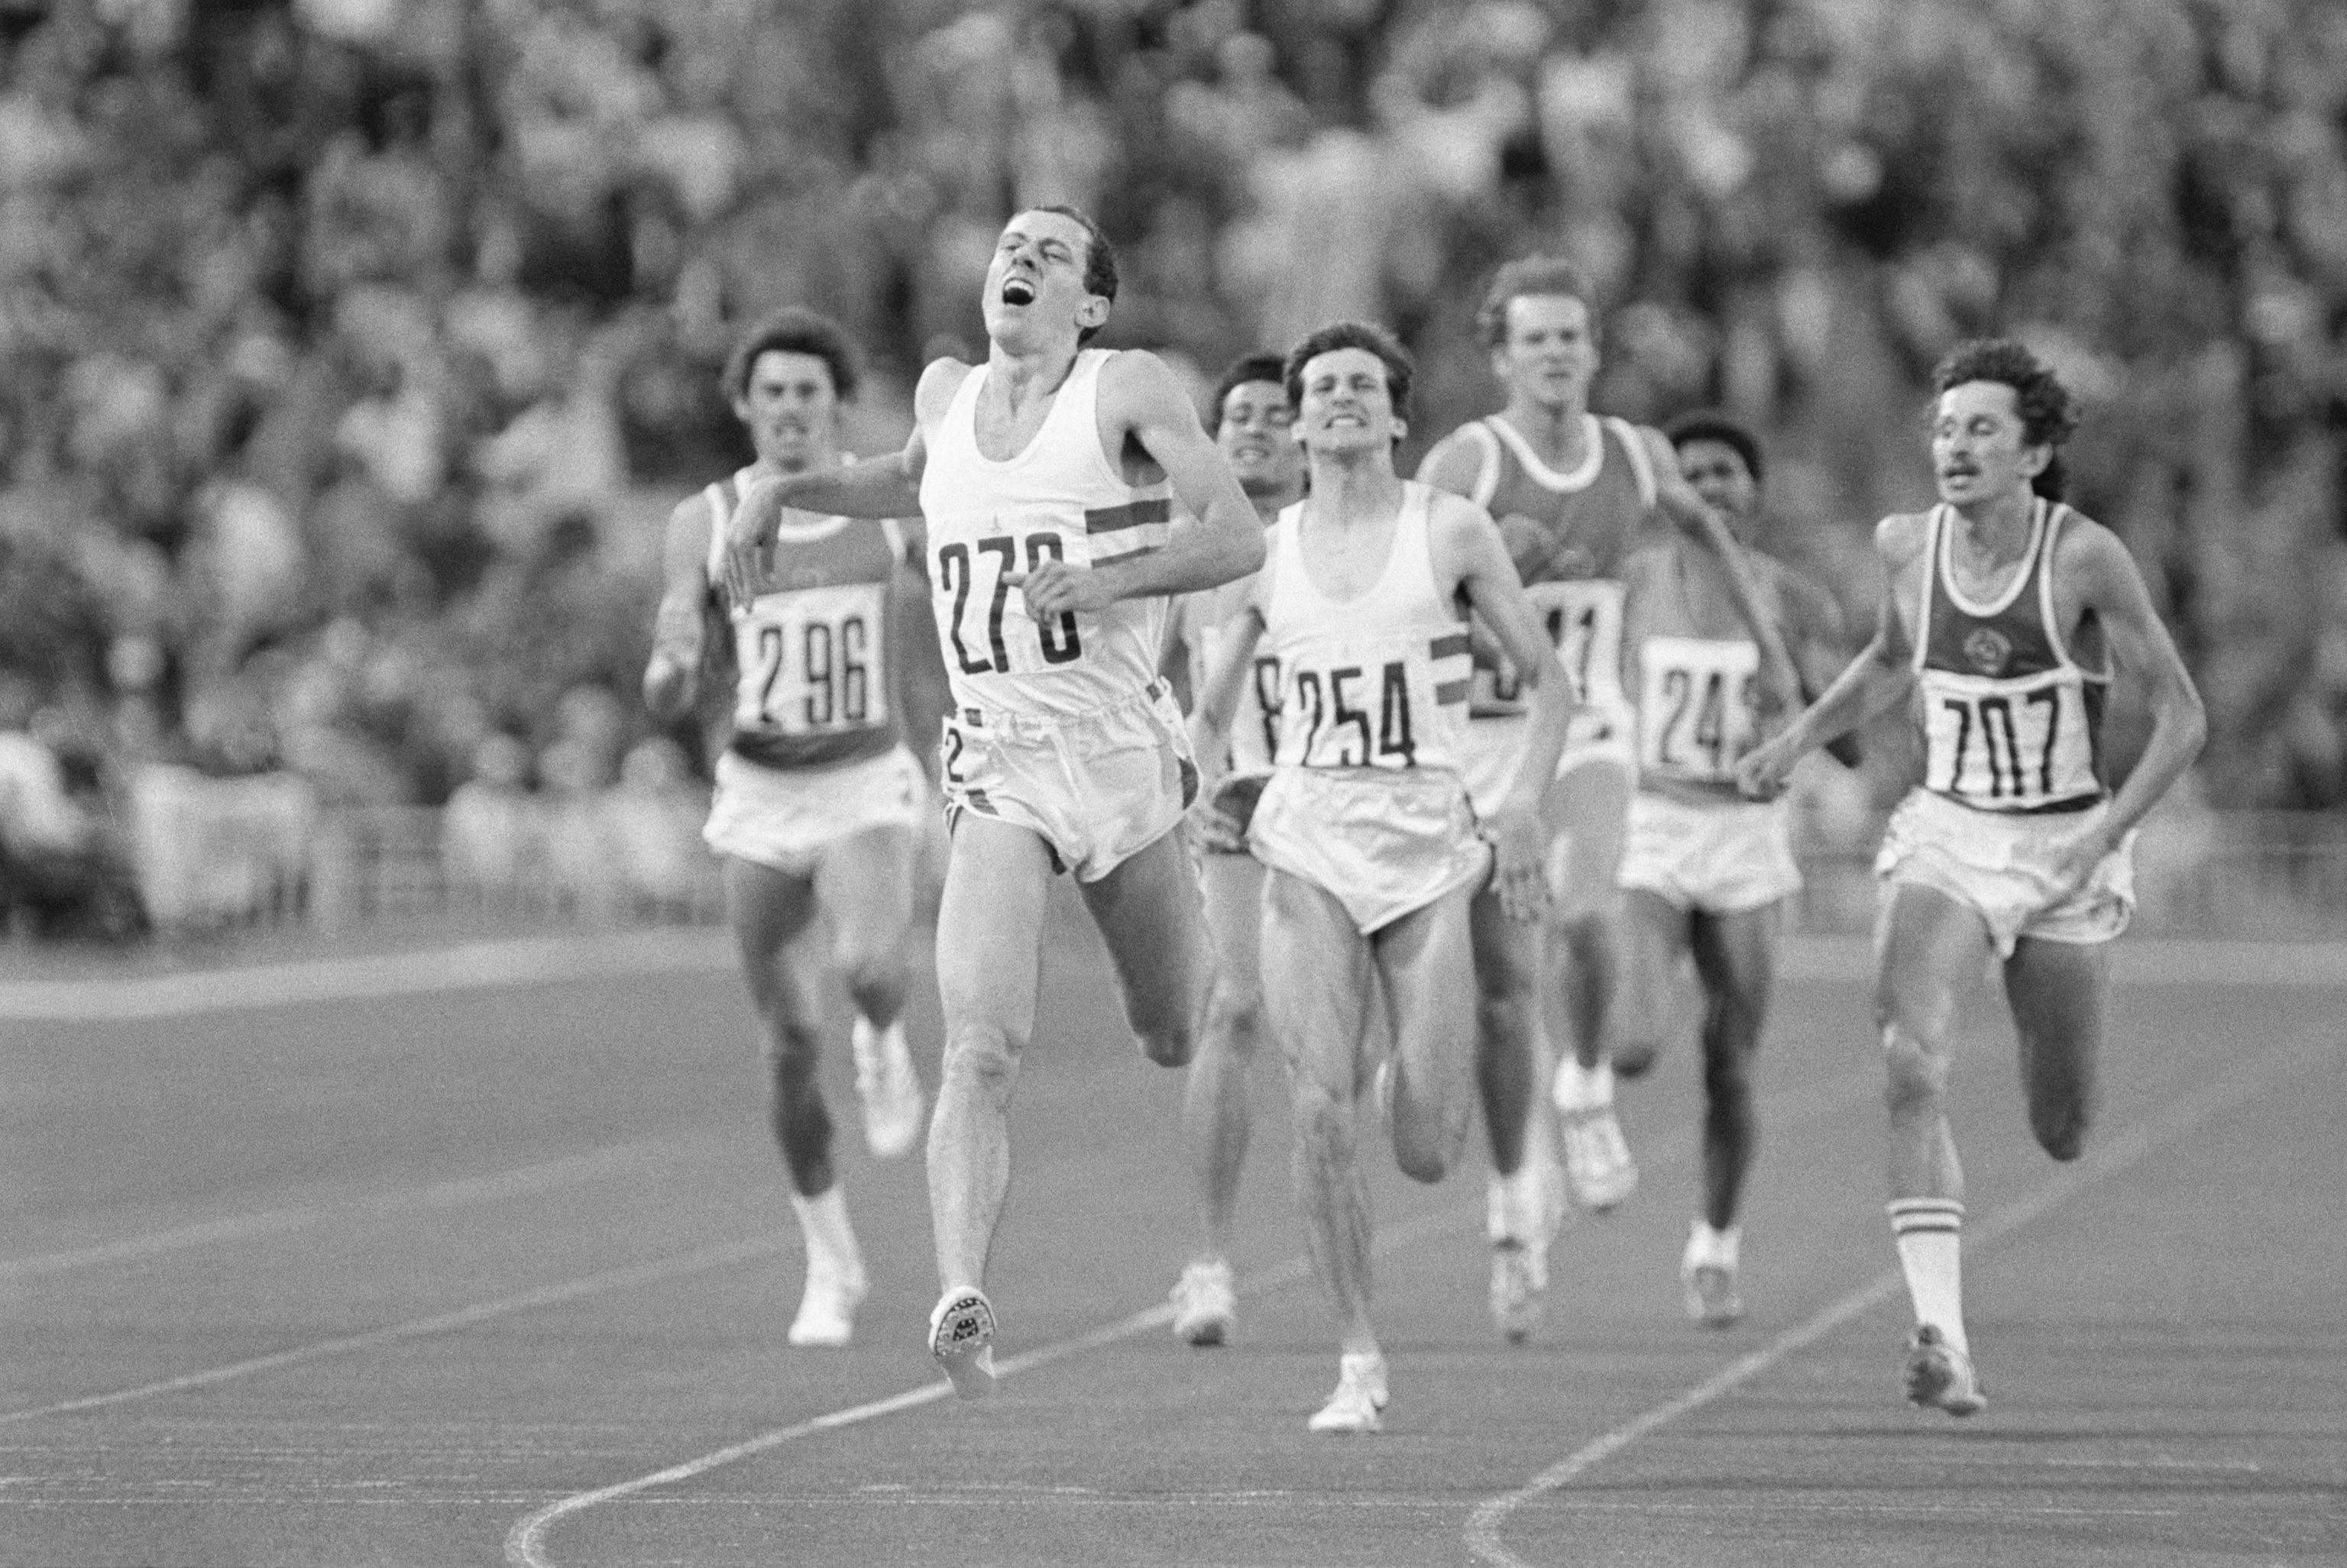 Ovett logra el oro por delante de Coe en los 800 de Moscú 1980.